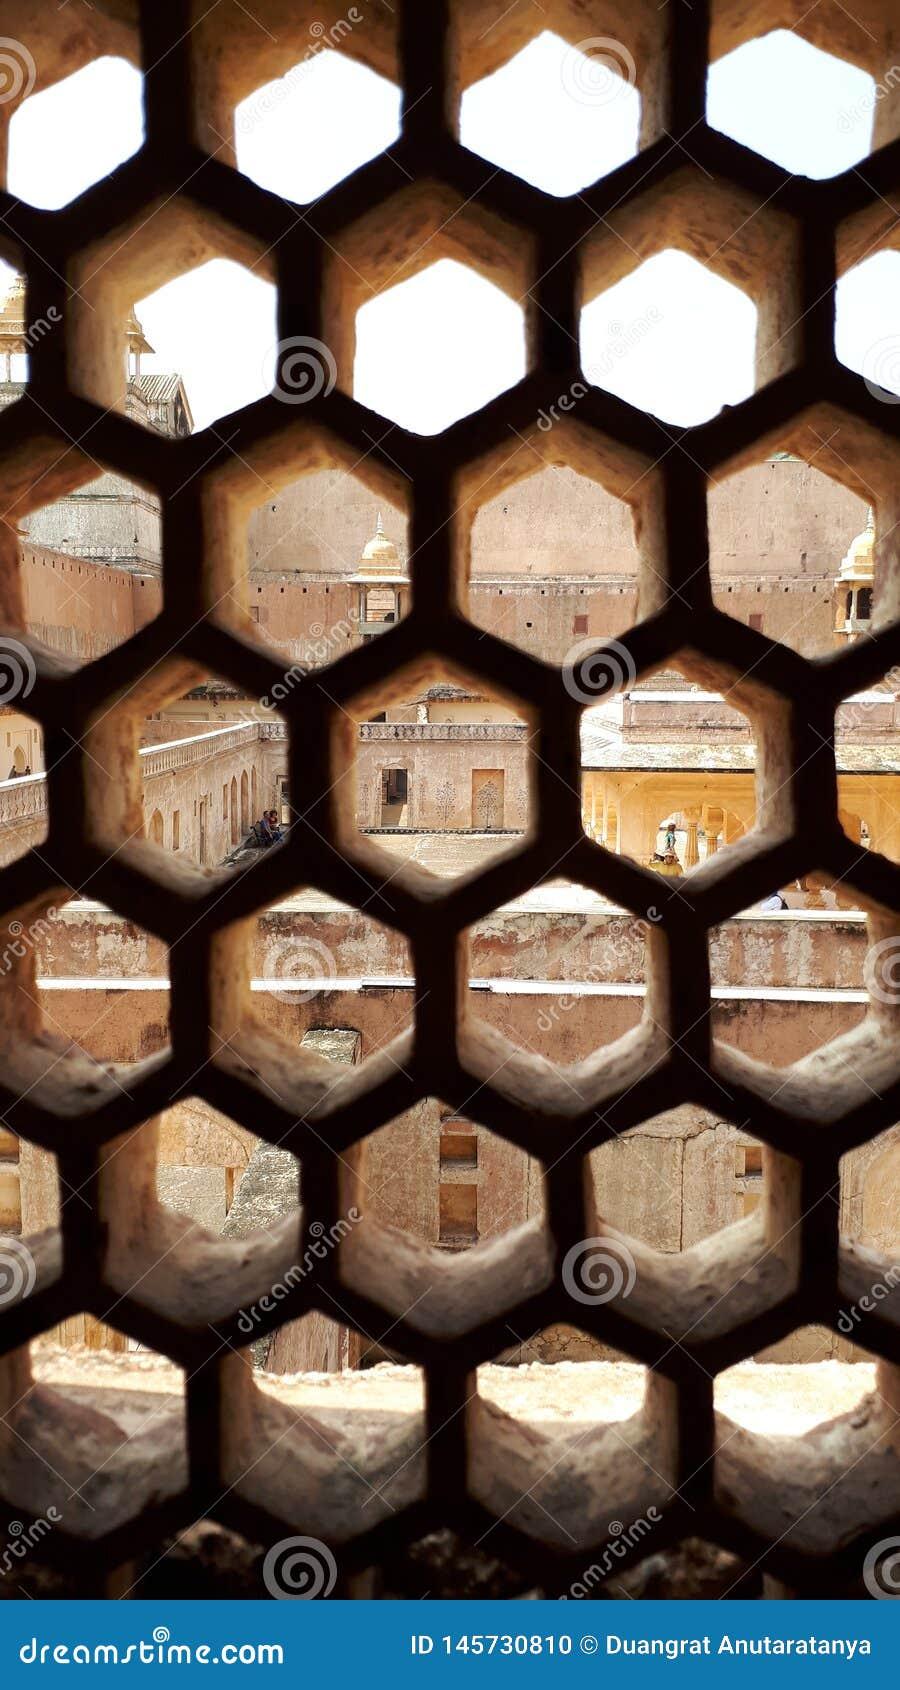 Le fort d ?gr? est un site de patrimoine mondial de l UNESCO ? ?gr? Inde, conception int?rieure, architecture mughal